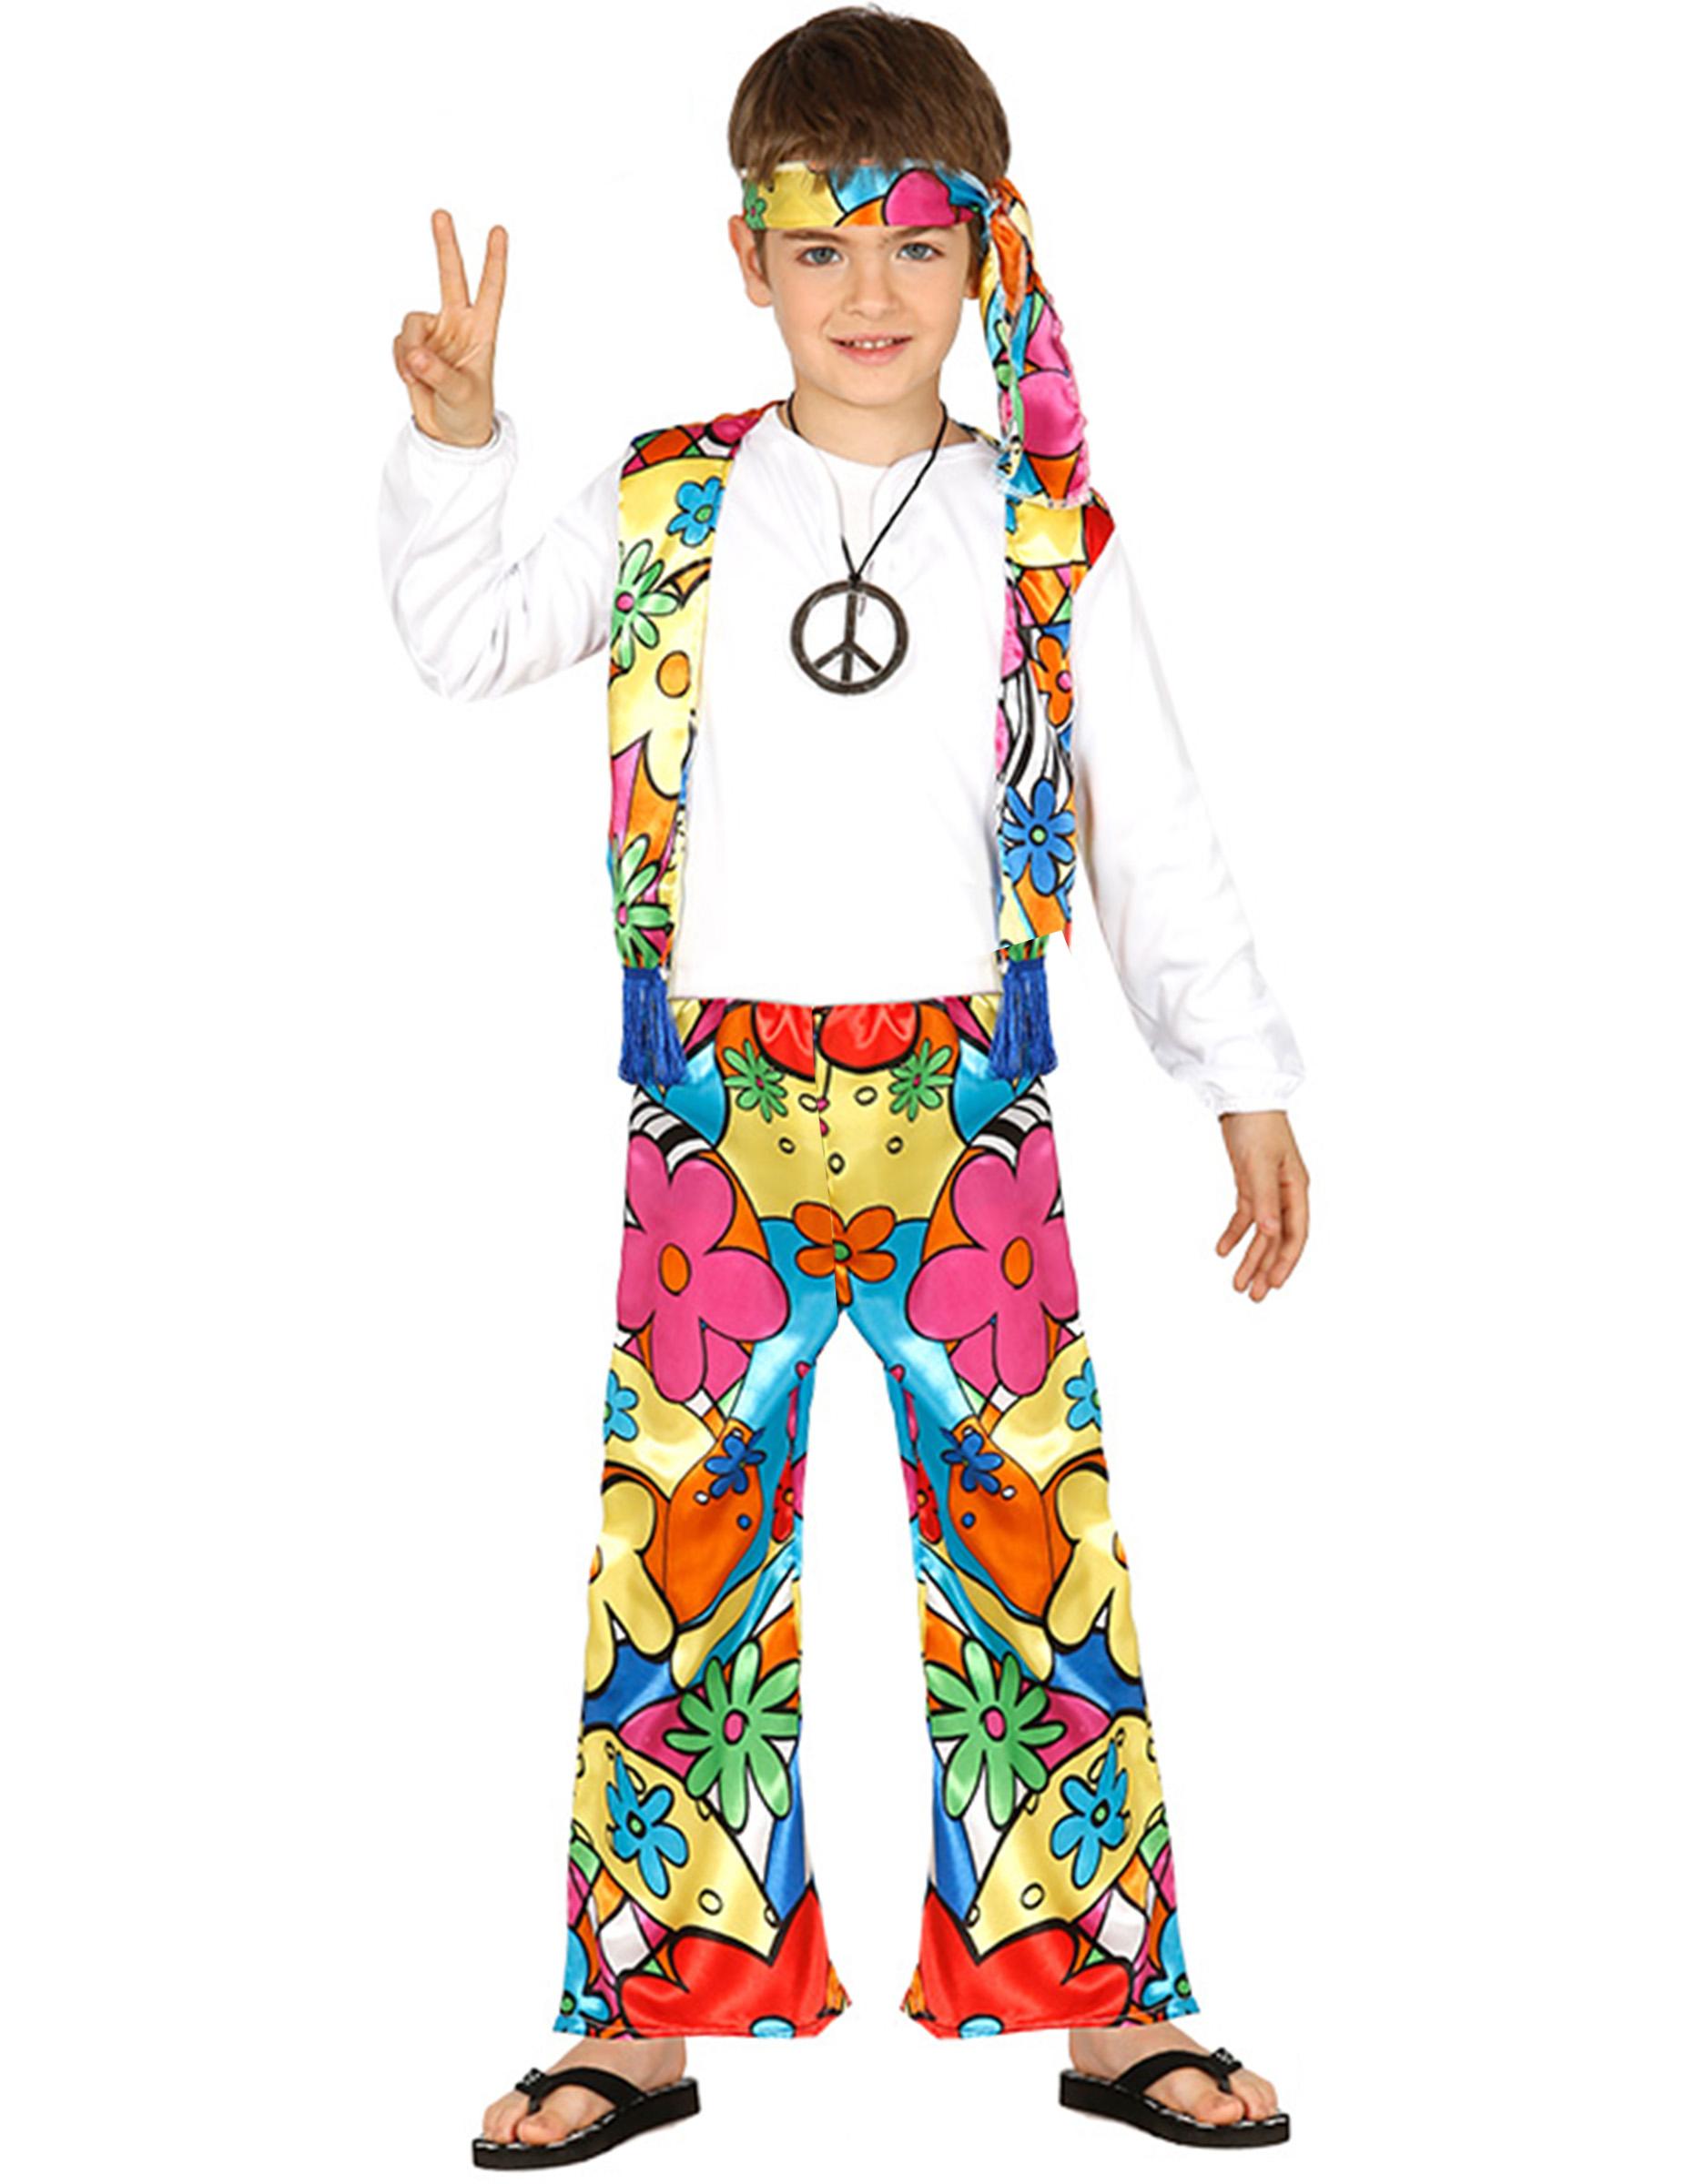 Déguisement hippie à grosses fleurs enfant   Deguise-toi, achat de ... d30babbb4fa4